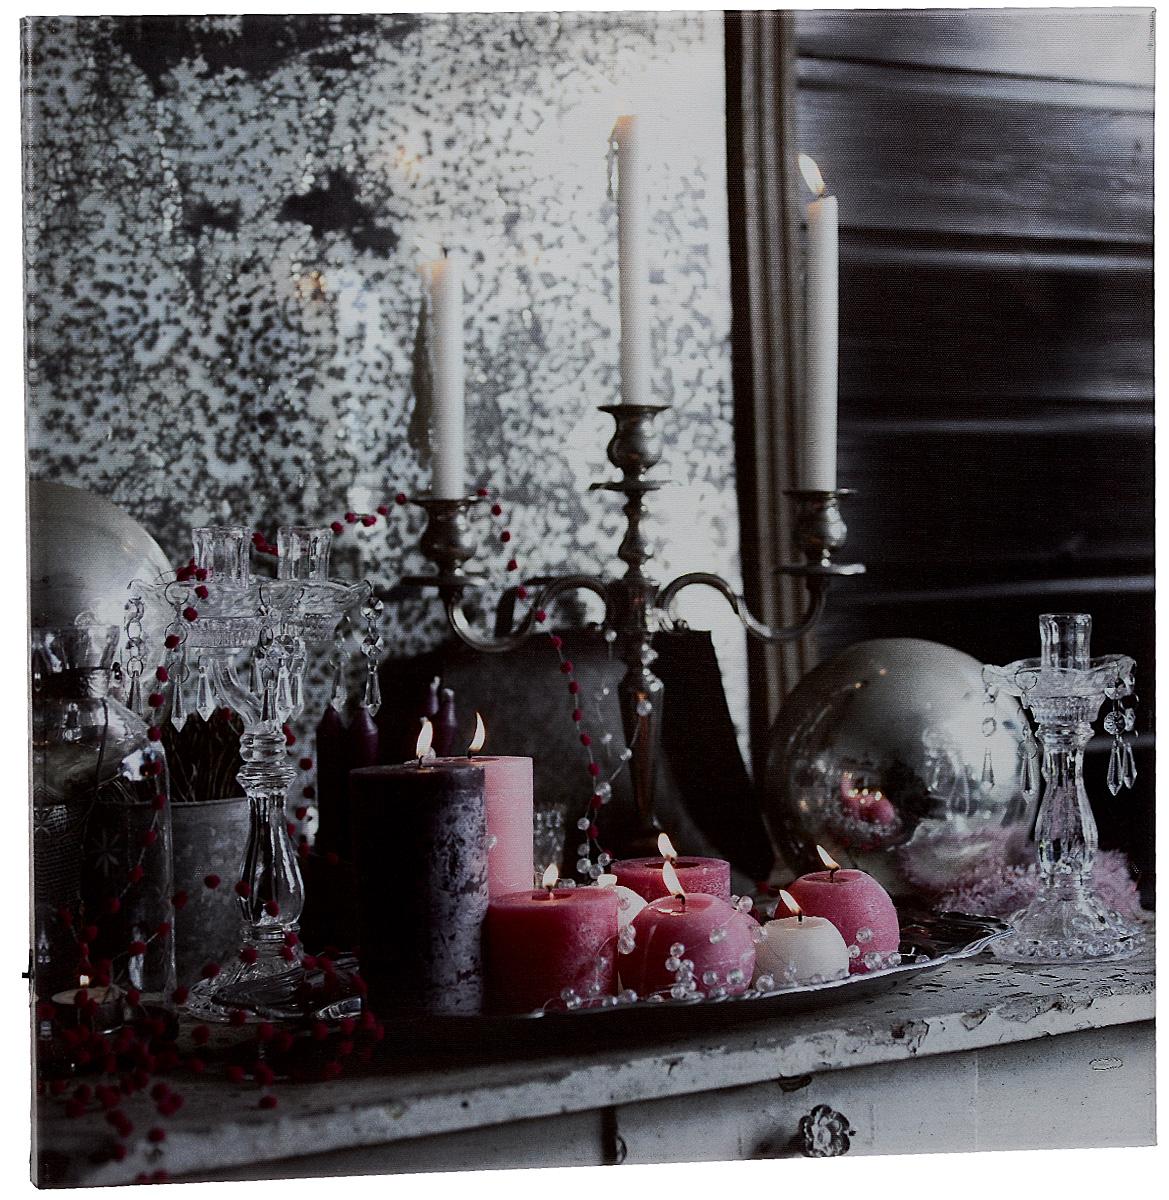 Картина MTH Праздничная декорация, со светодиодами, 50 х 50 смled5050-01Картина MTH Праздничная декорация выполнена на основе из МДФ, обтянутой холстом.Изделие оснащено светодиодами. Их теплый мерцающий в темноте светоживит ваш дом и добавит ему уюта. На картине изображены свечи. Благодаря светодиодной подсветке создается ощущение, что теплый свет, исходящий от свечей, действительно может согревать. С оборотной стороны картина оснащена специальным отверстием для подвешивания на стену.Необычная картина придаст интерьеру невероятного шарма и оригинальности.Рисунок успокаивает нервную систему, помогая расслабиться и отвлечься отповседневных забот. Подсветка работает от 2 батареек типа АА напряжением 1,5V (в комплект не входят).